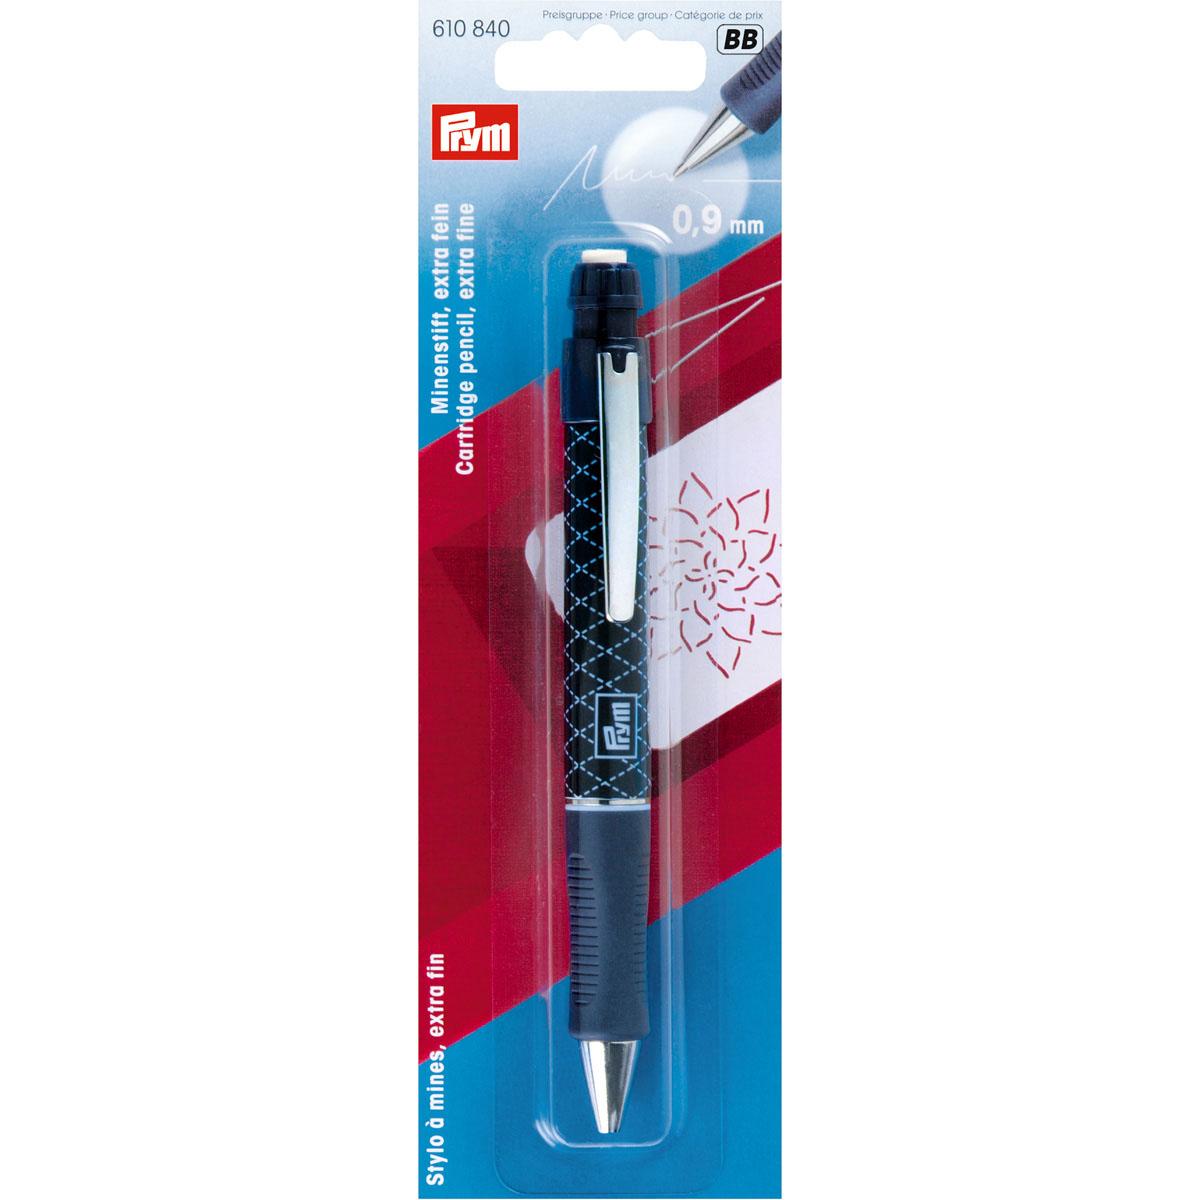 610840 Механический карандаш с 2 грифелями, белый стержень Prym